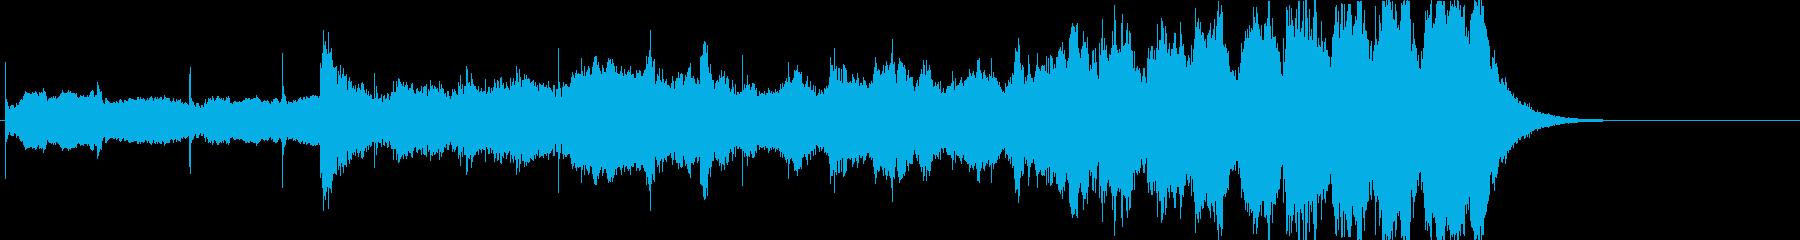 焦りや不安を煽るようなストリングスの曲の再生済みの波形